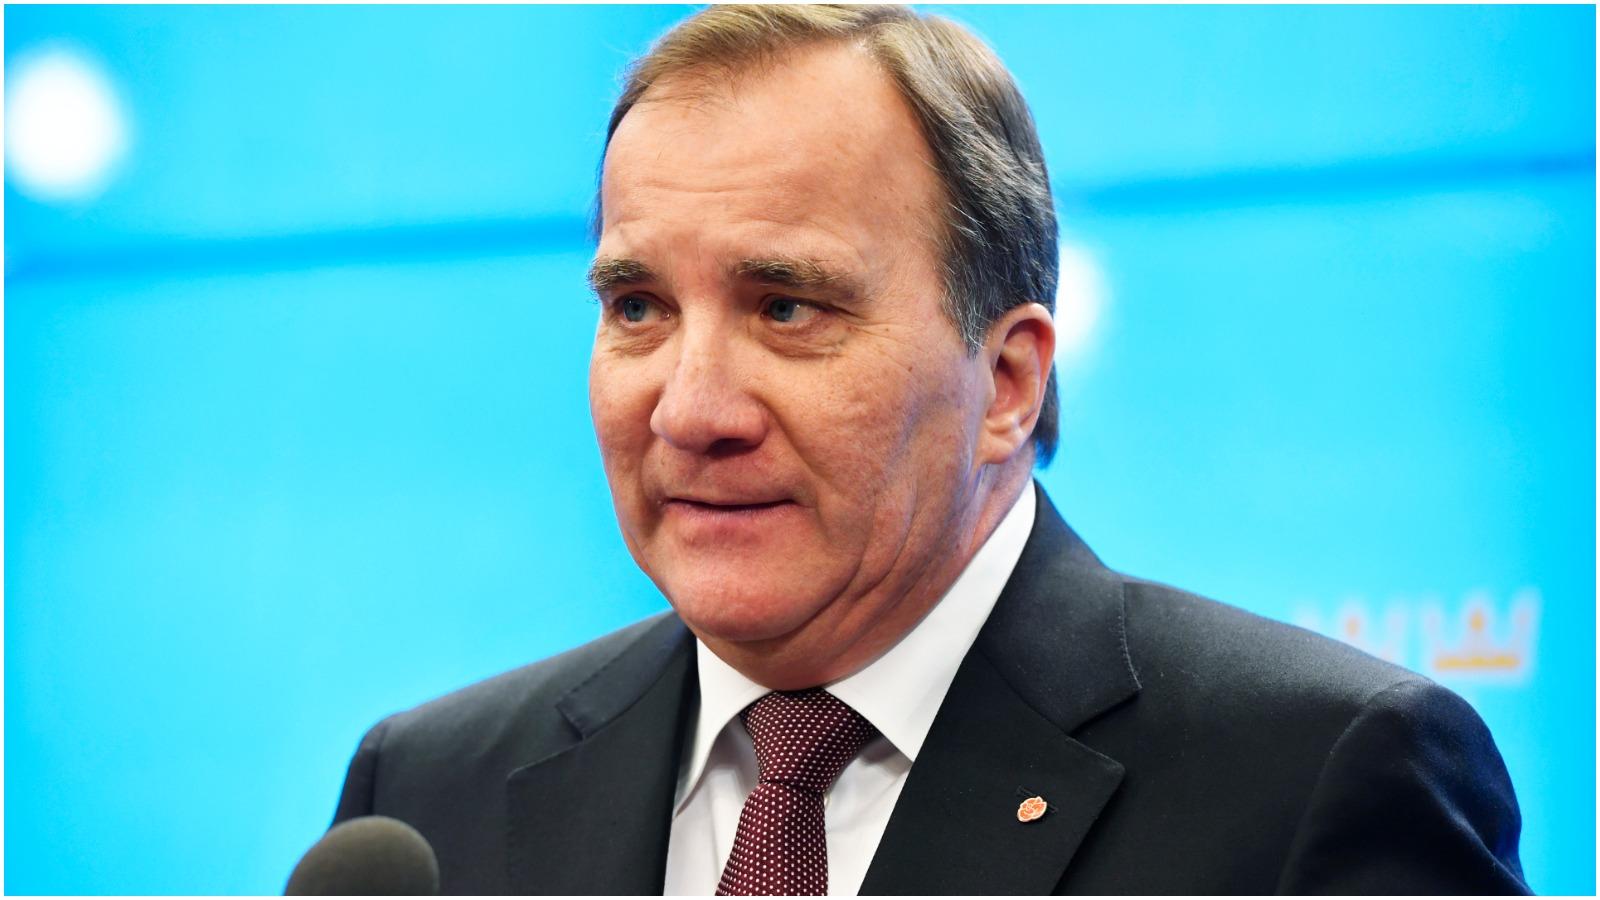 Seniorforsker Hans Mouritzen om Sverige: Nu er et nyt valg det mest sandsynlige